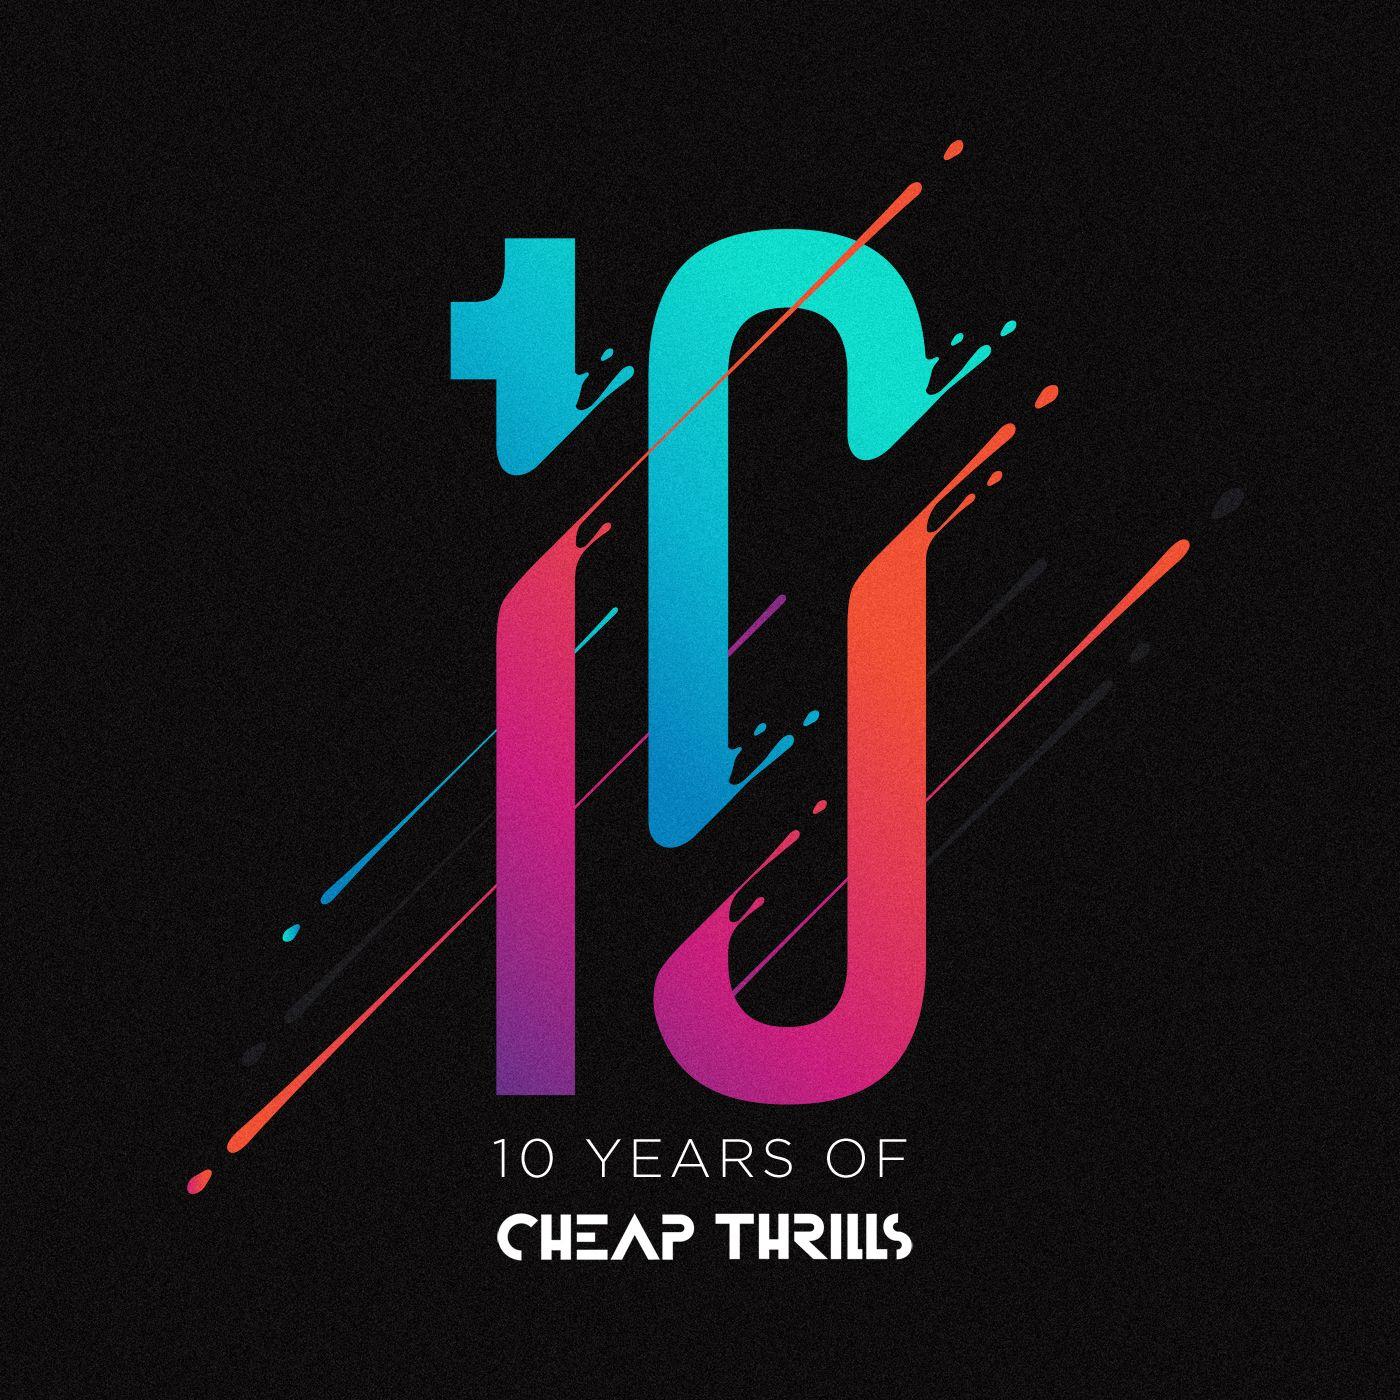 10_years_of_cheap_thrills_artwork.jpg